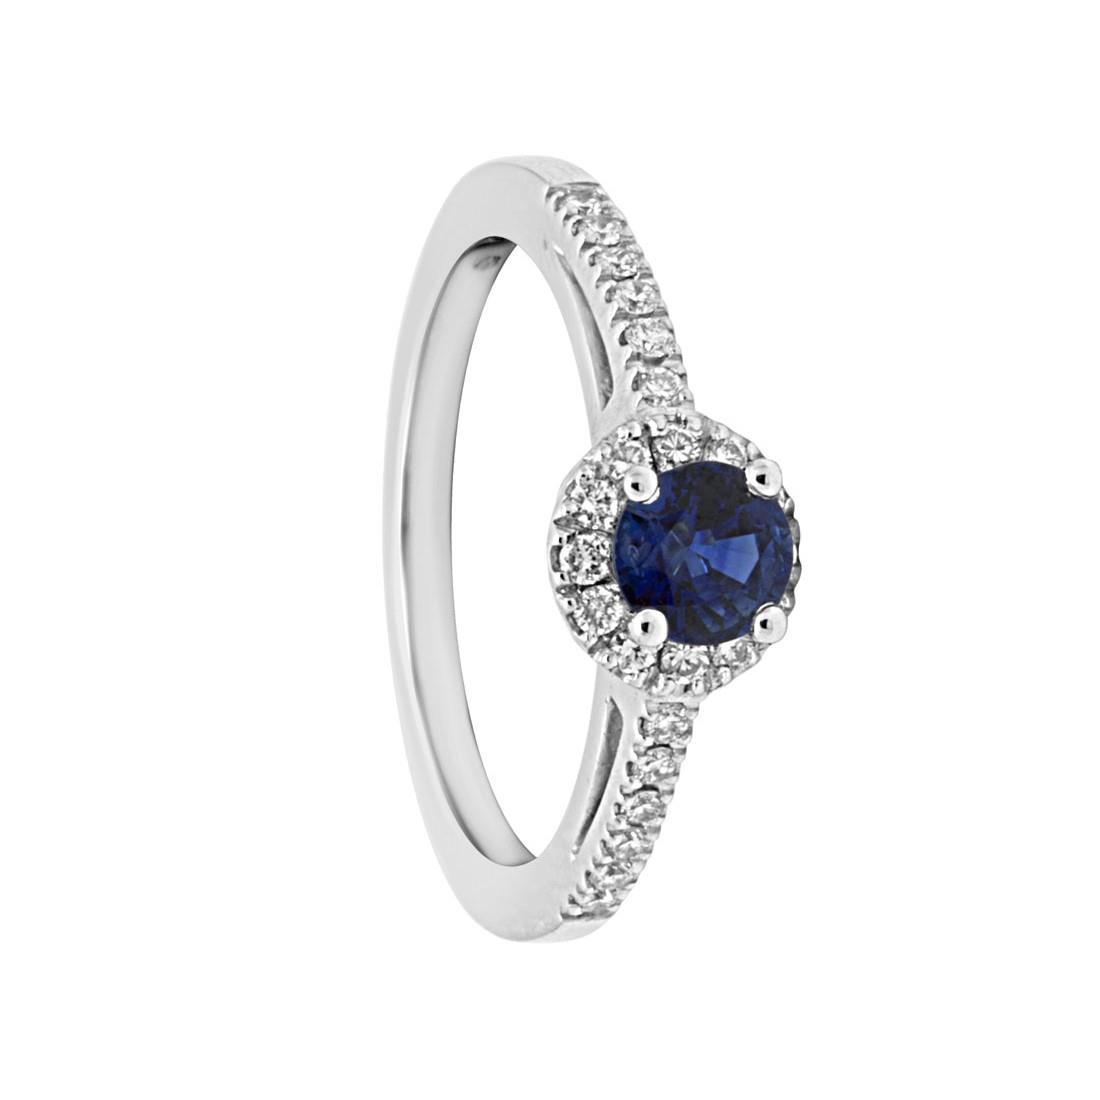 Anello in oro bianco con diamanti e zaffiro mis 13 - ORO&CO